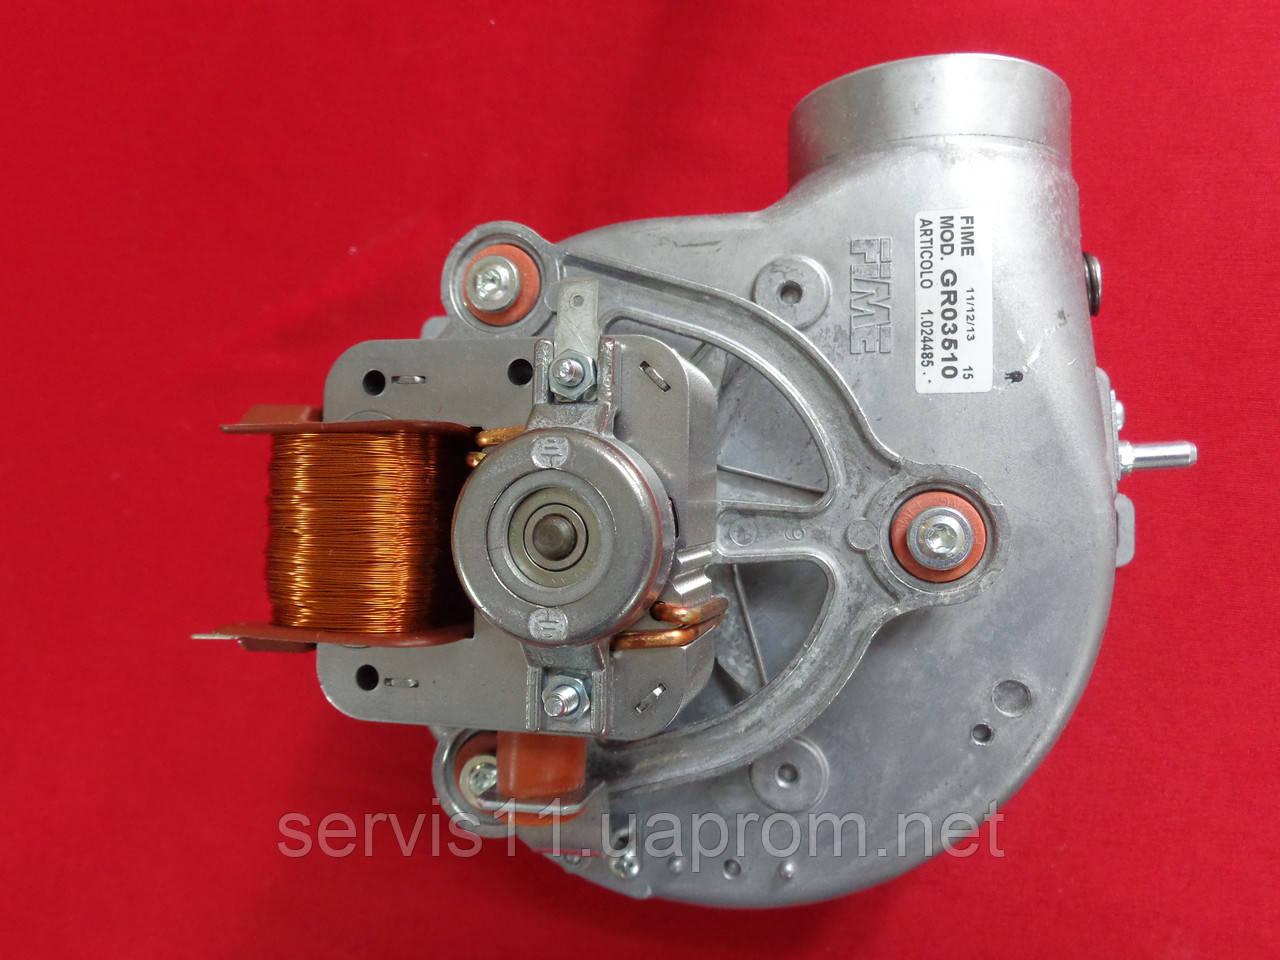 Вентилятор Immergas Mini 24 kw, Mini Special 24 kw